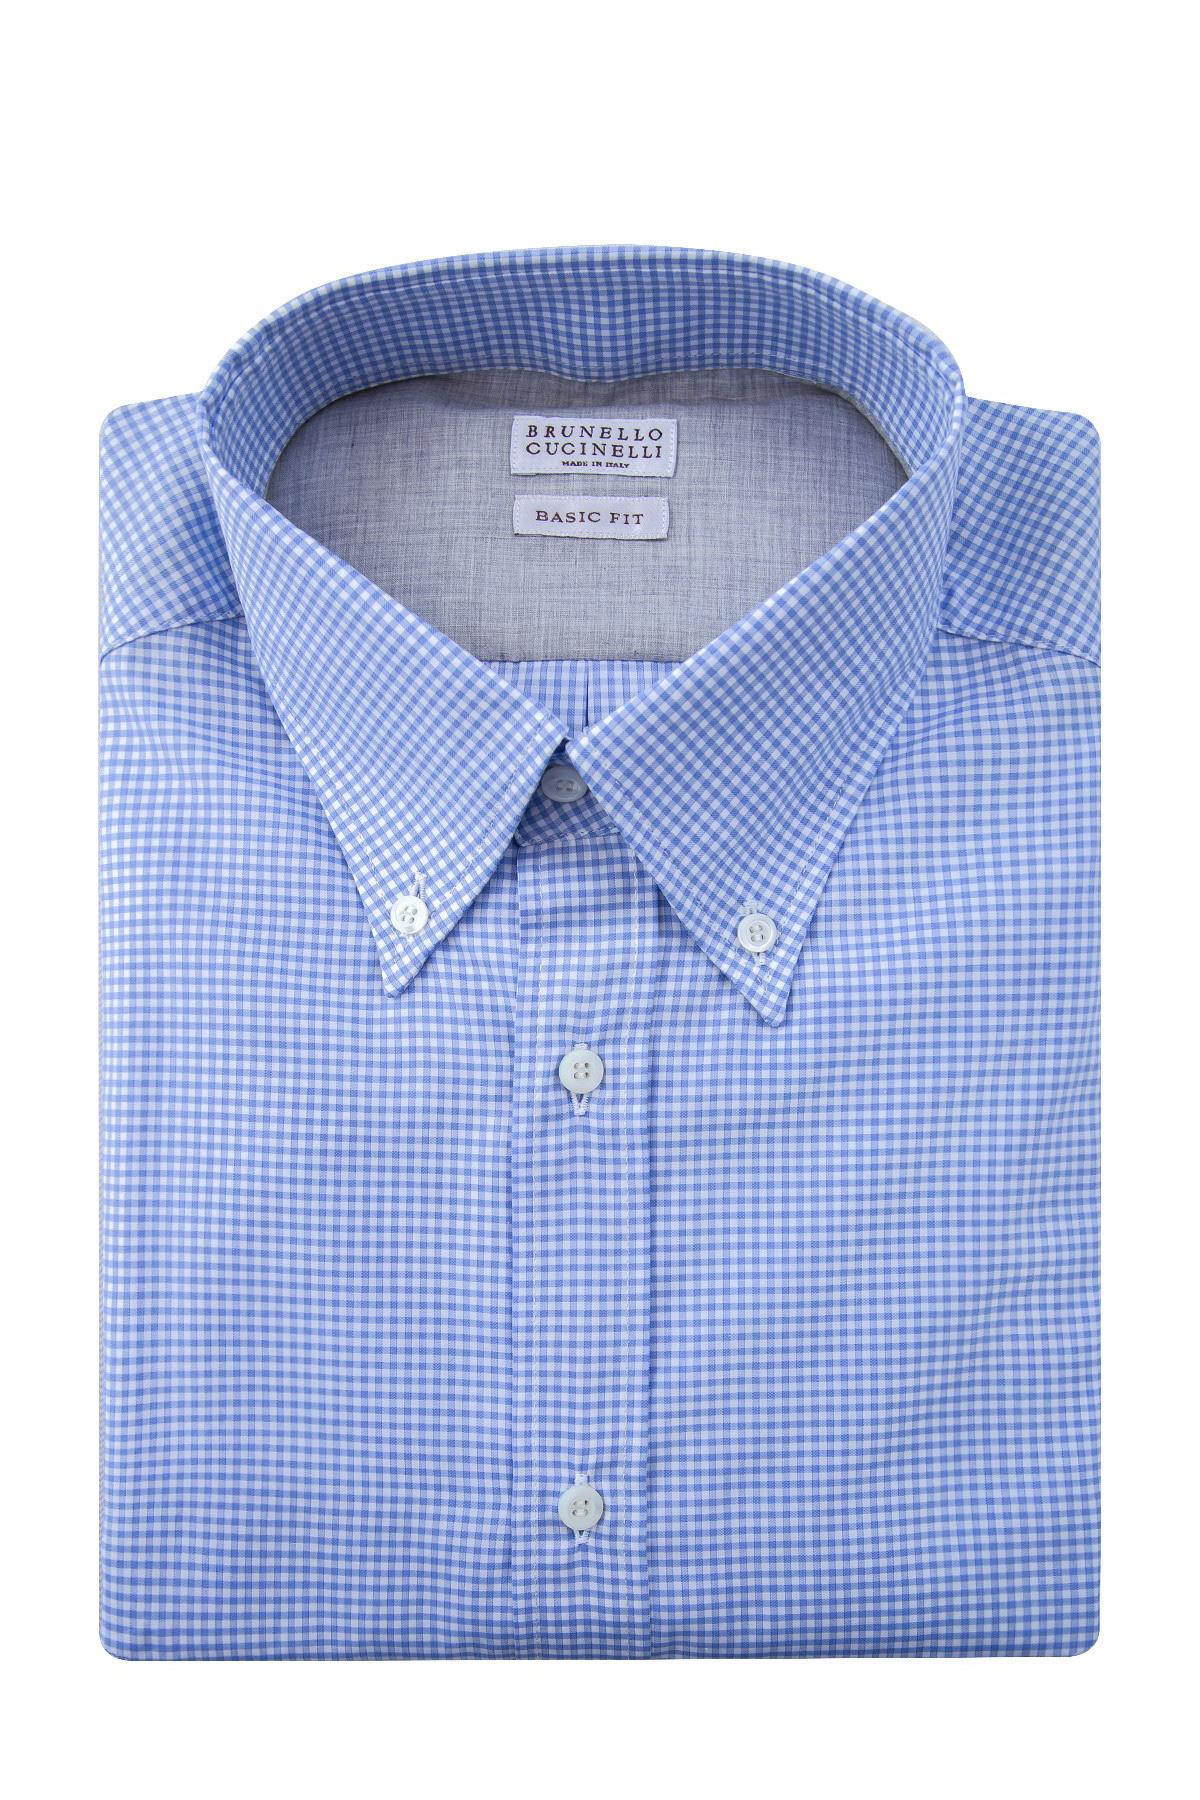 Купить Рубашка из хлопкового поплина с геометрическим микроузором, BRUNELLO CUCINELLI, Италия, хлопок 100%